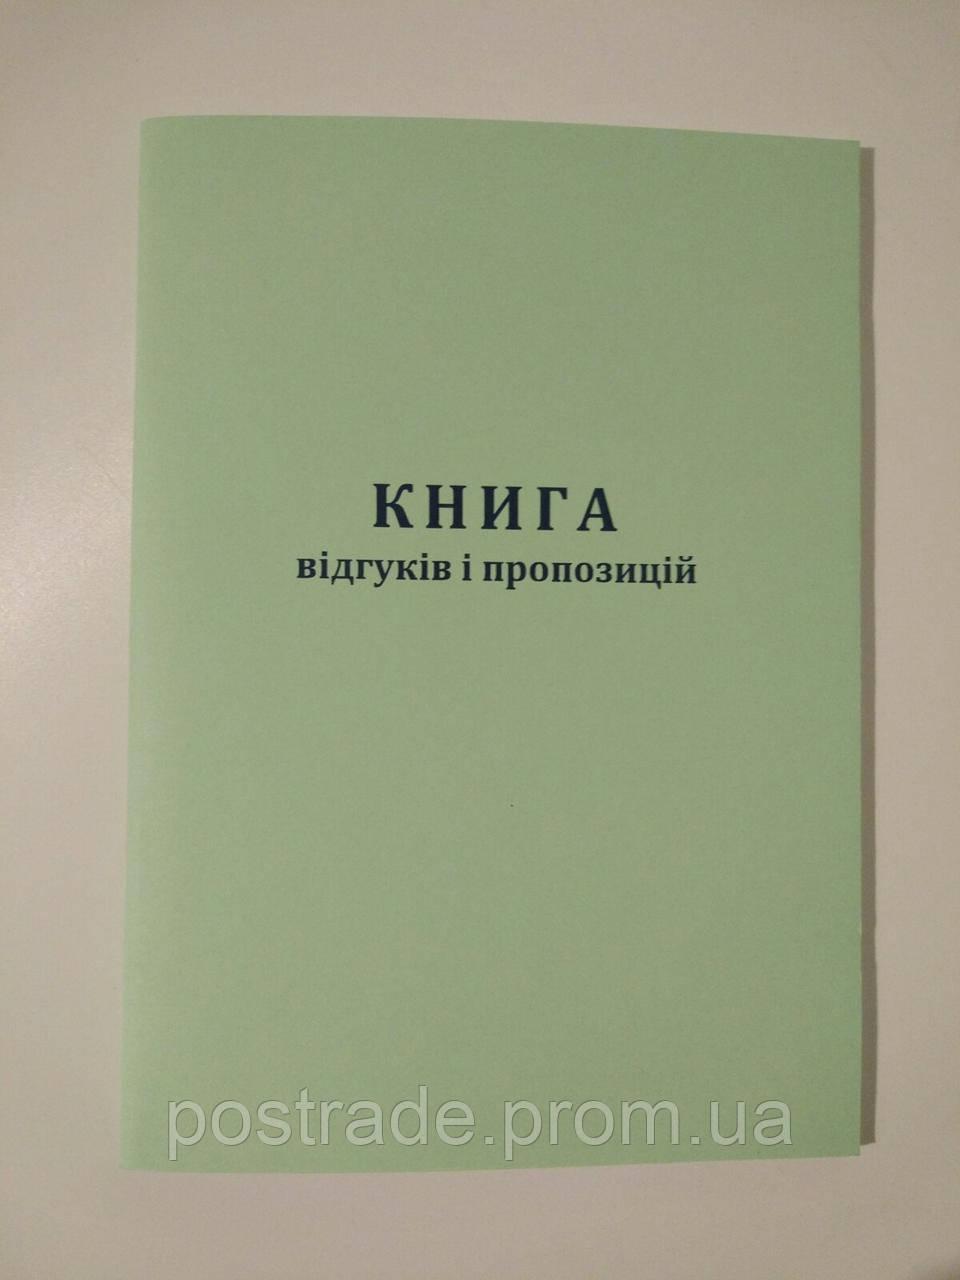 Книга відгуків і пропозицій (Книга отзывов и предложений) А4